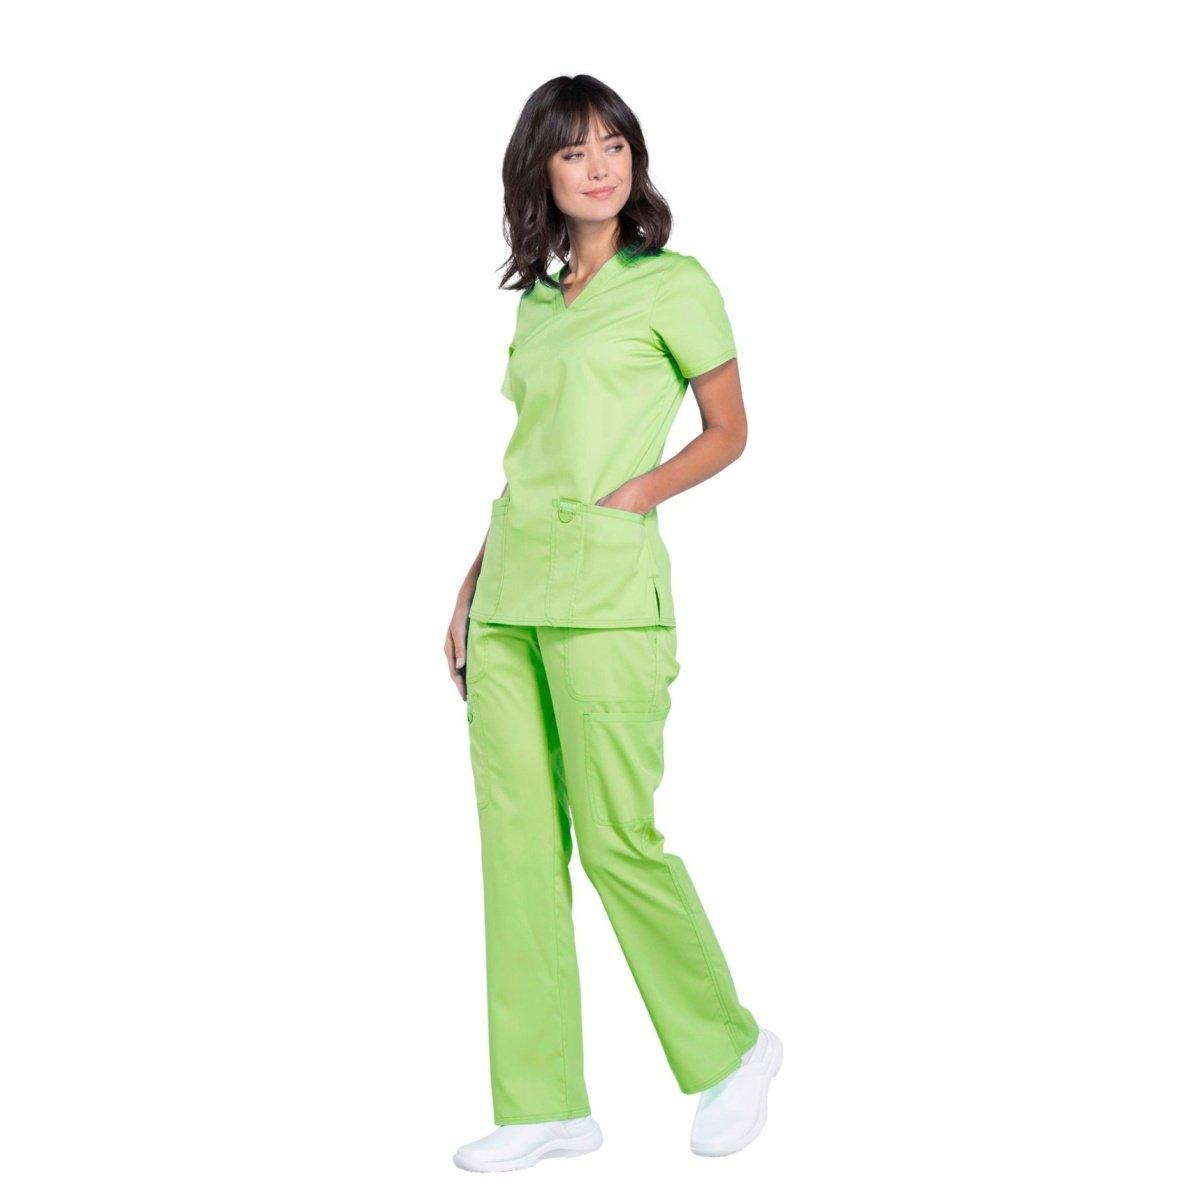 Женский медицинский костюм Revolution светло-зеленый